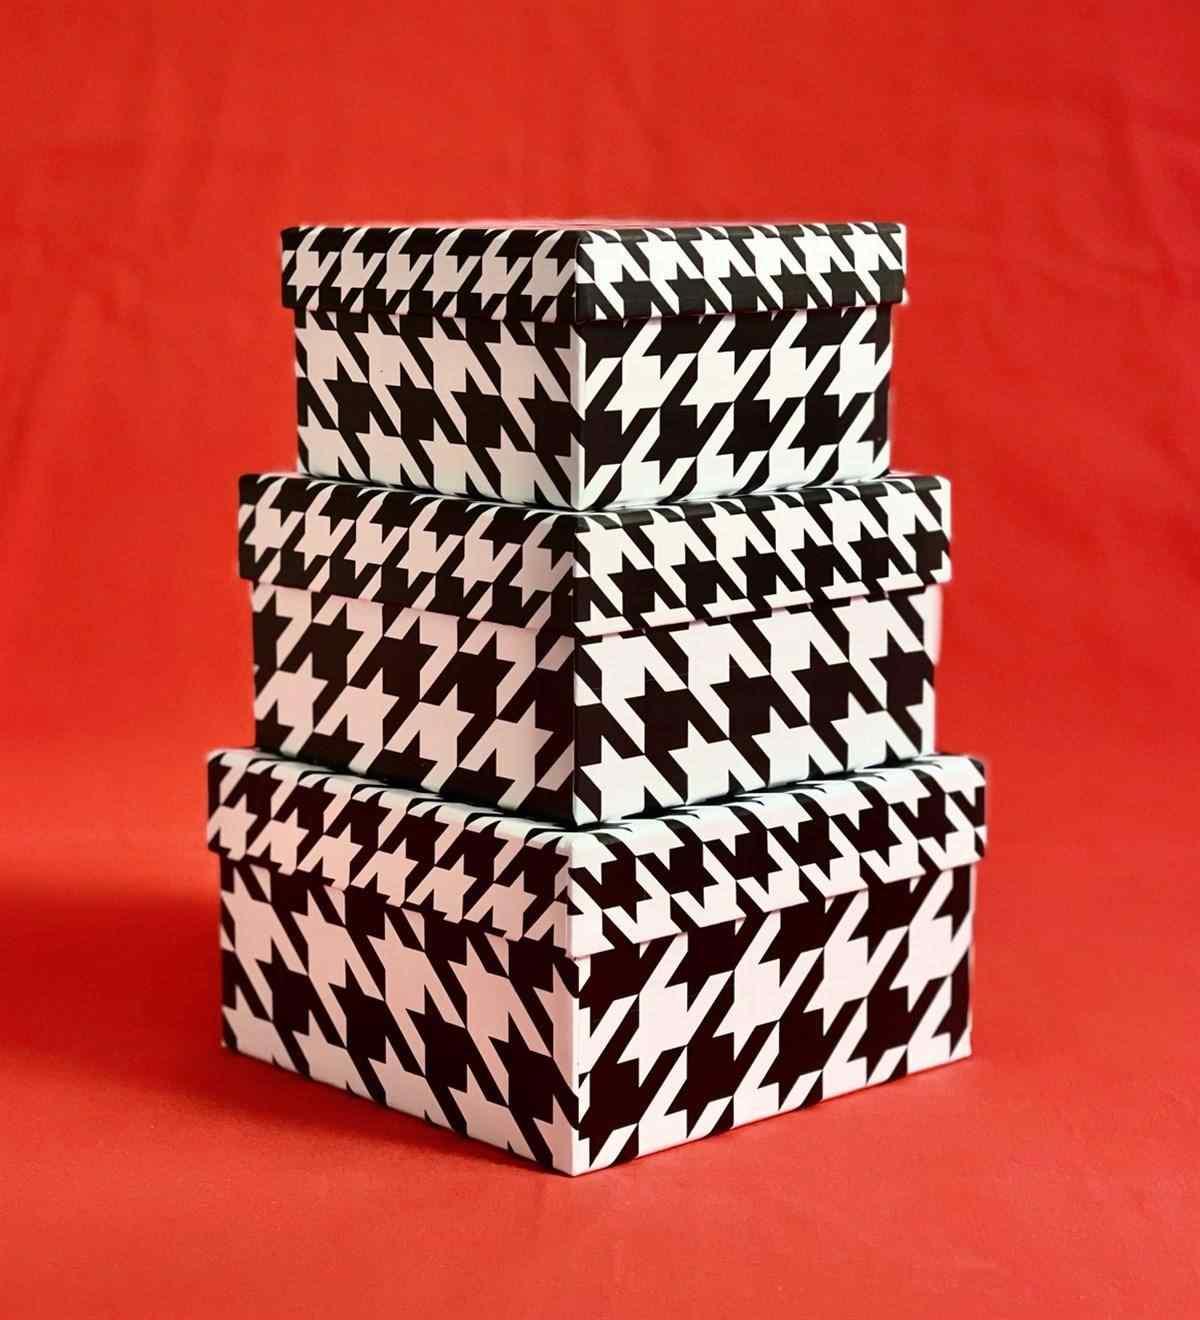 Kaz Ayağı Tasarımlı 3lü Kutu